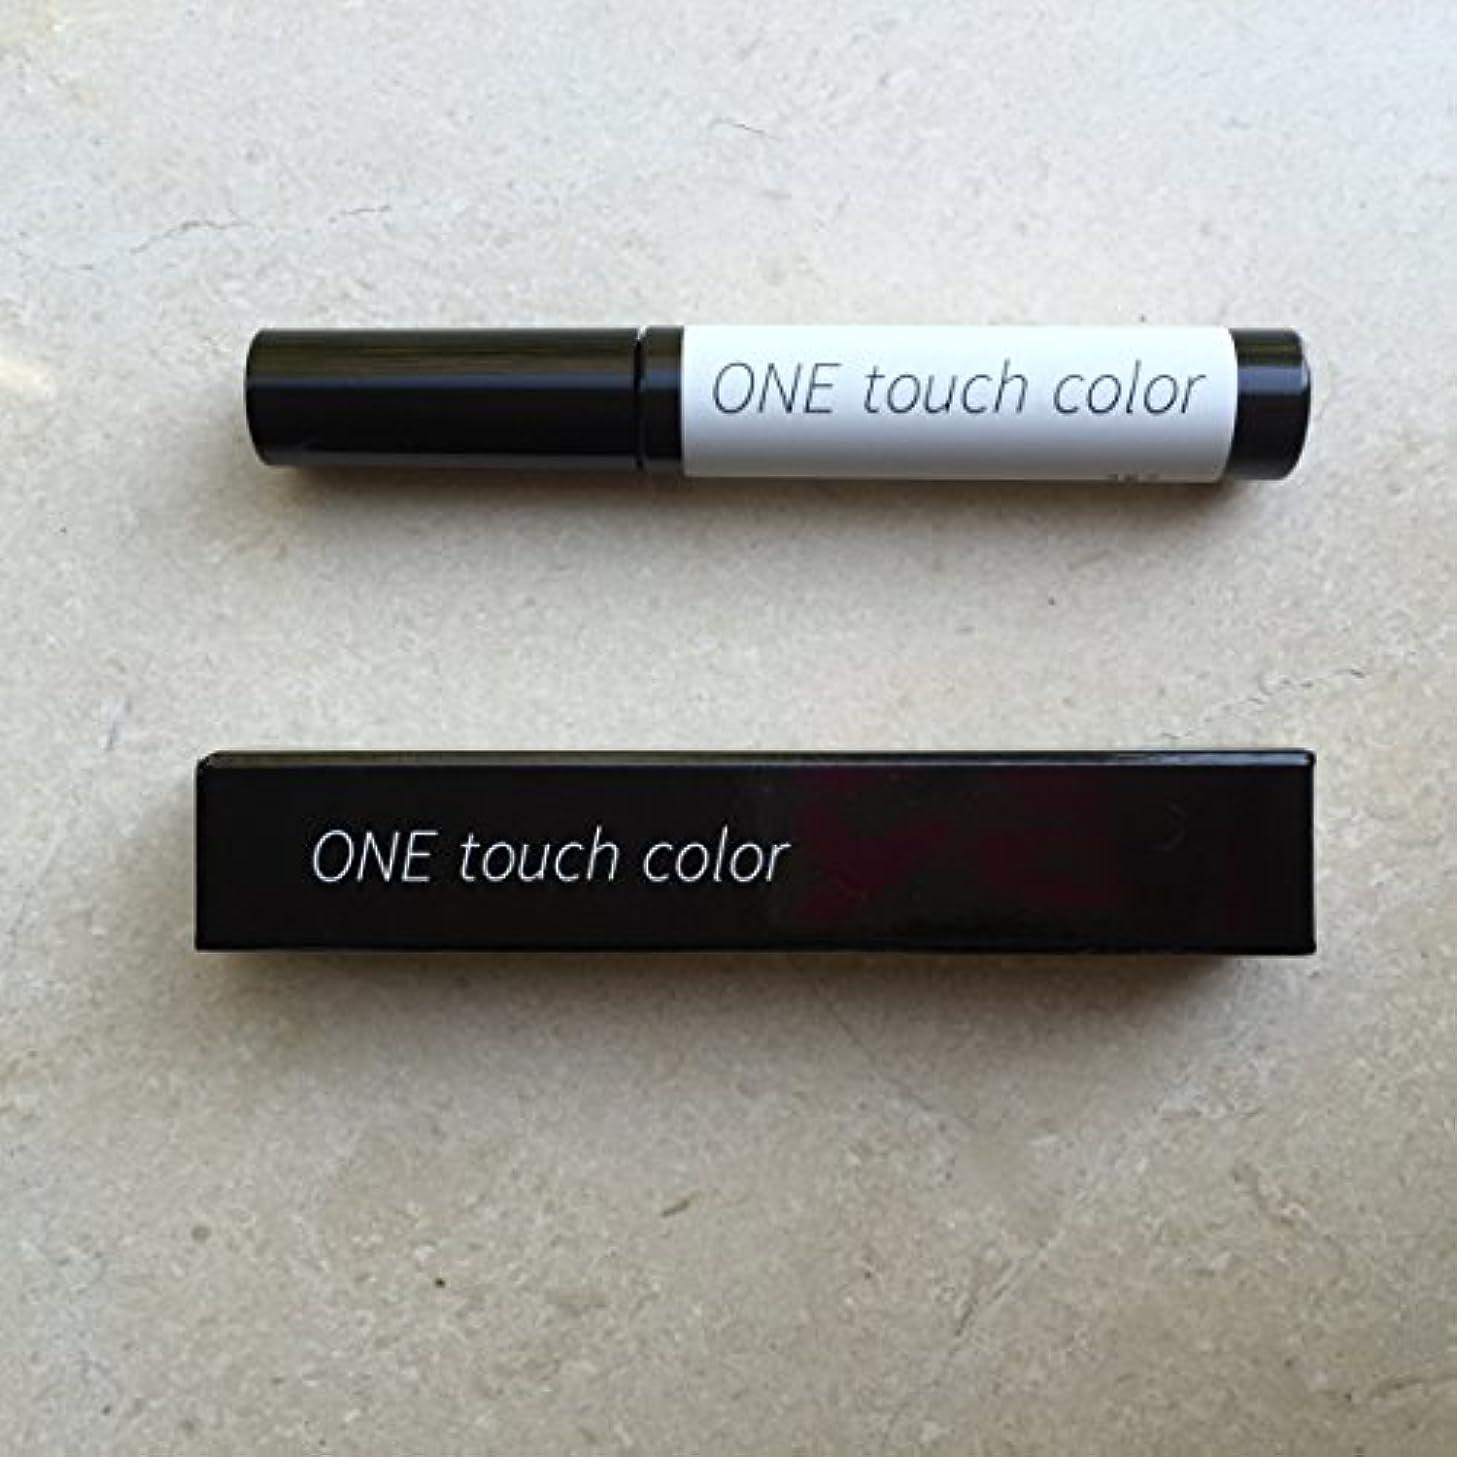 ヒューバートハドソンの頭の上パニックour touch color ワンタッチカラー